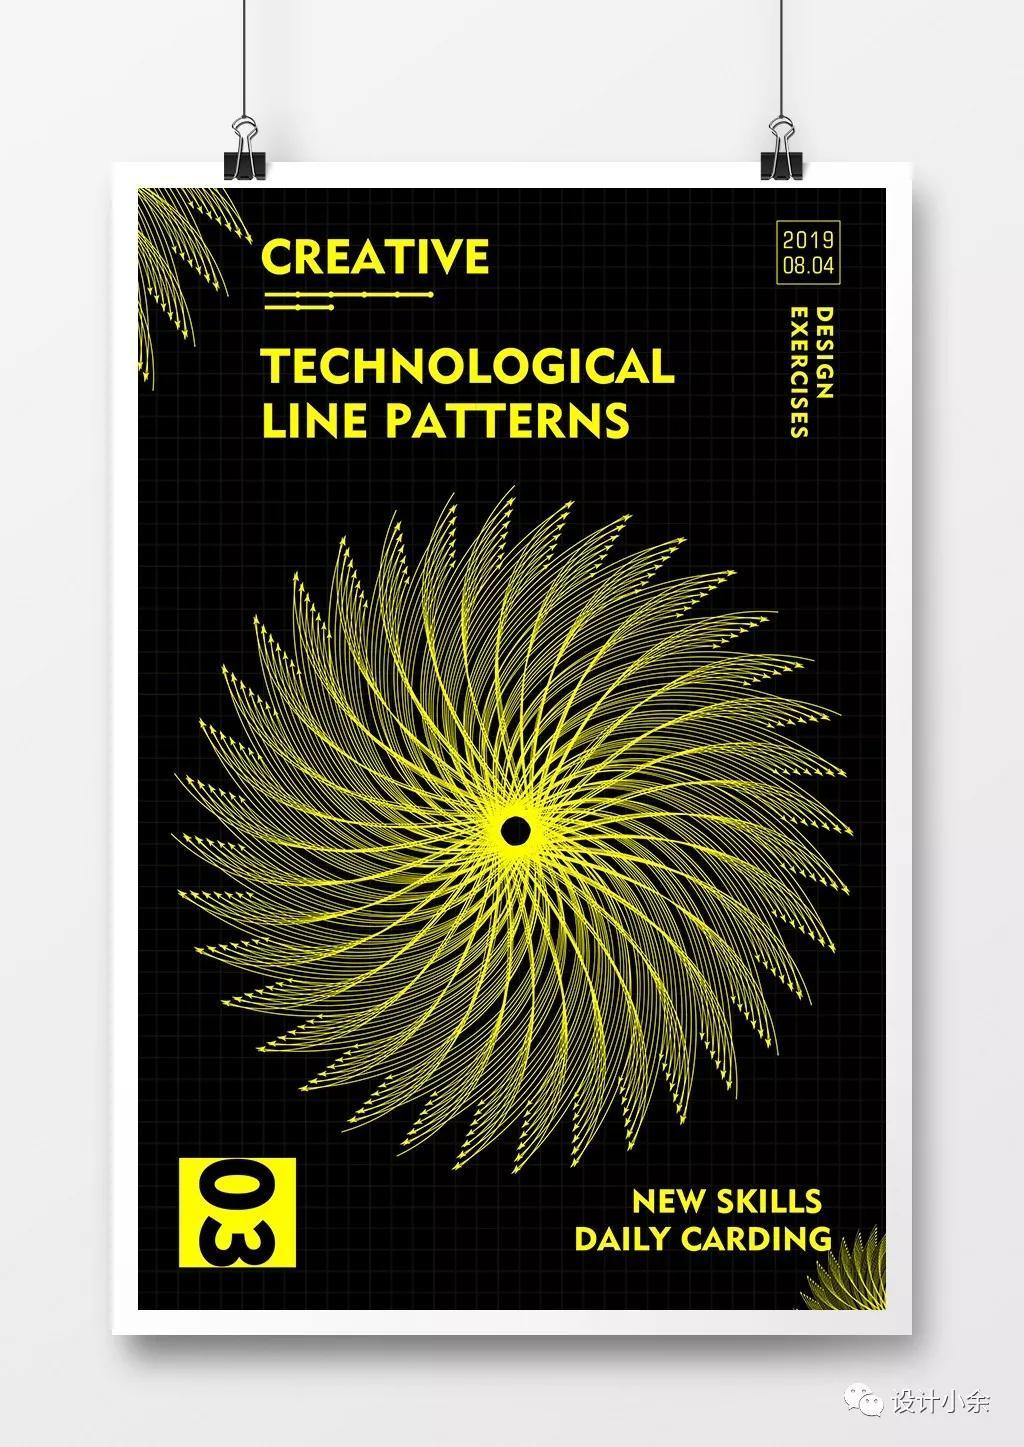 创意线条图形海报设计